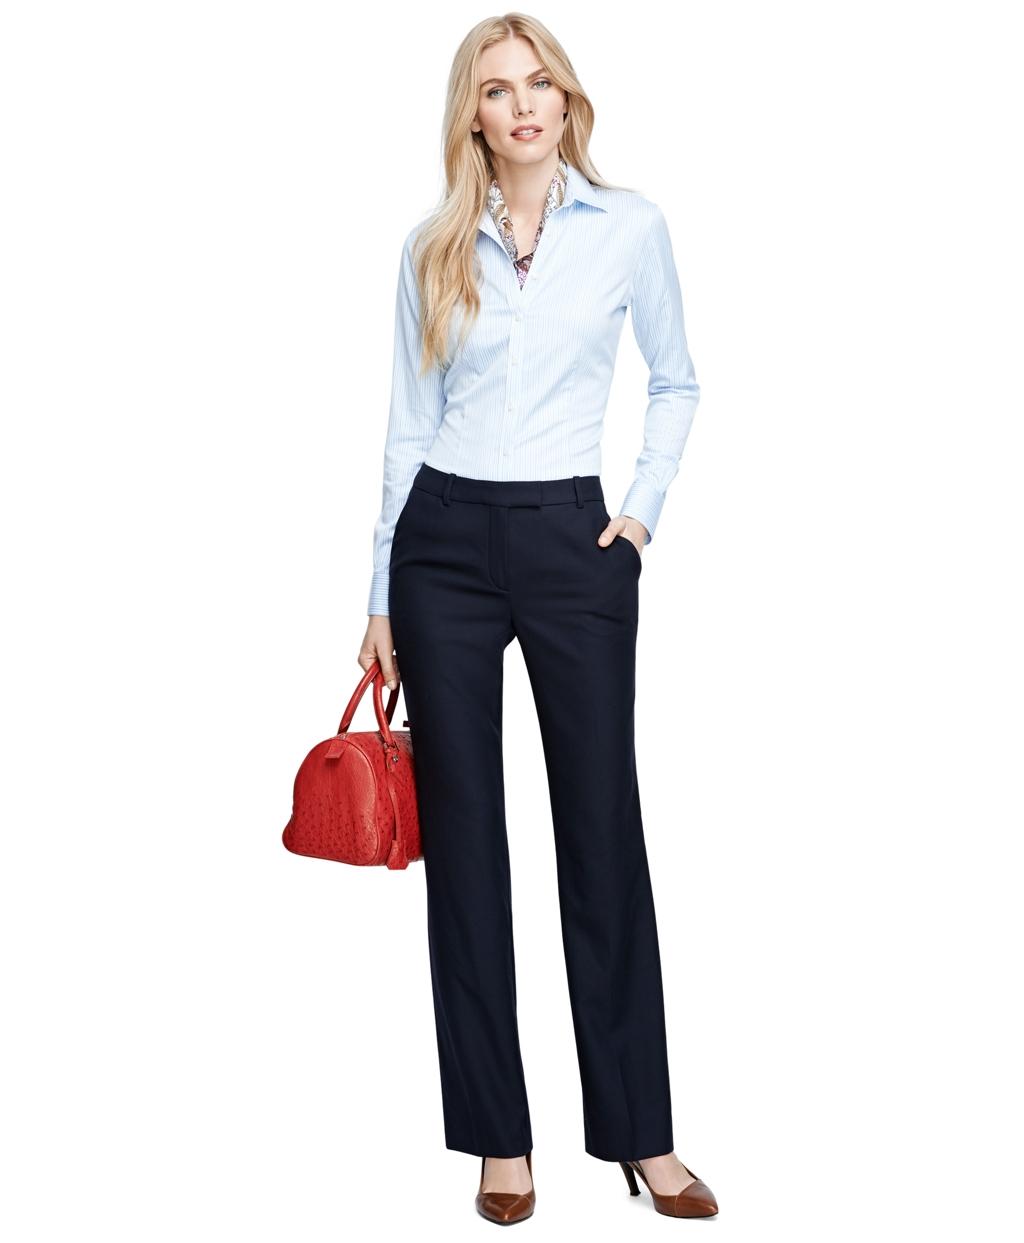 Blusa y pantalón para uniforme